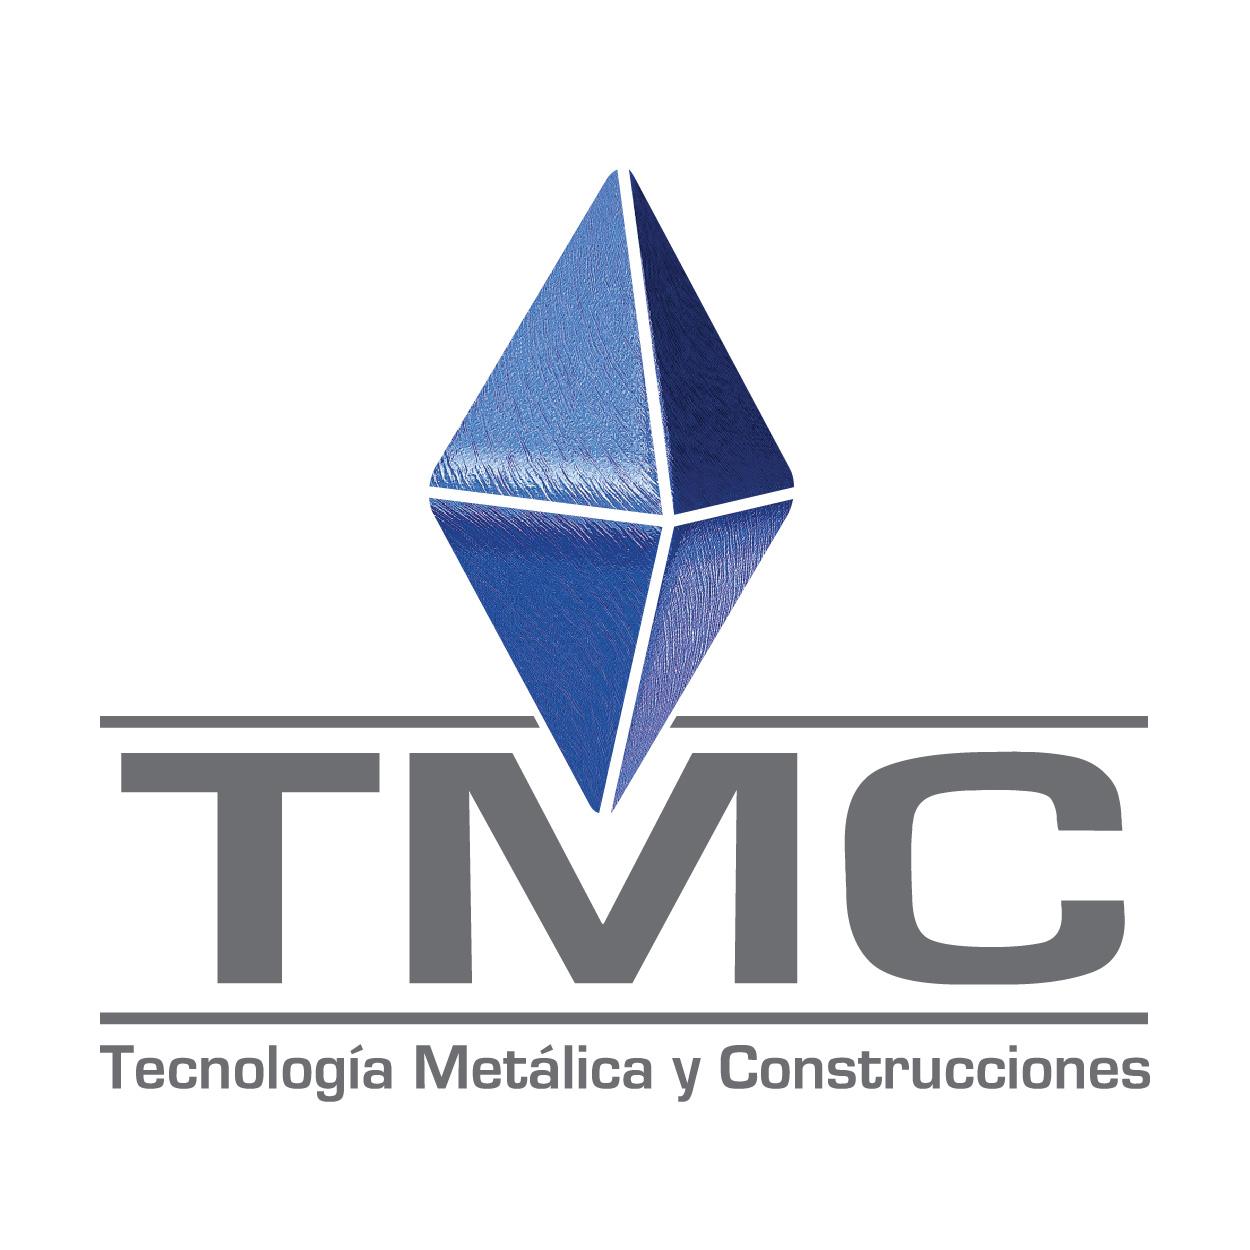 Tecnologia metalica y construcciones